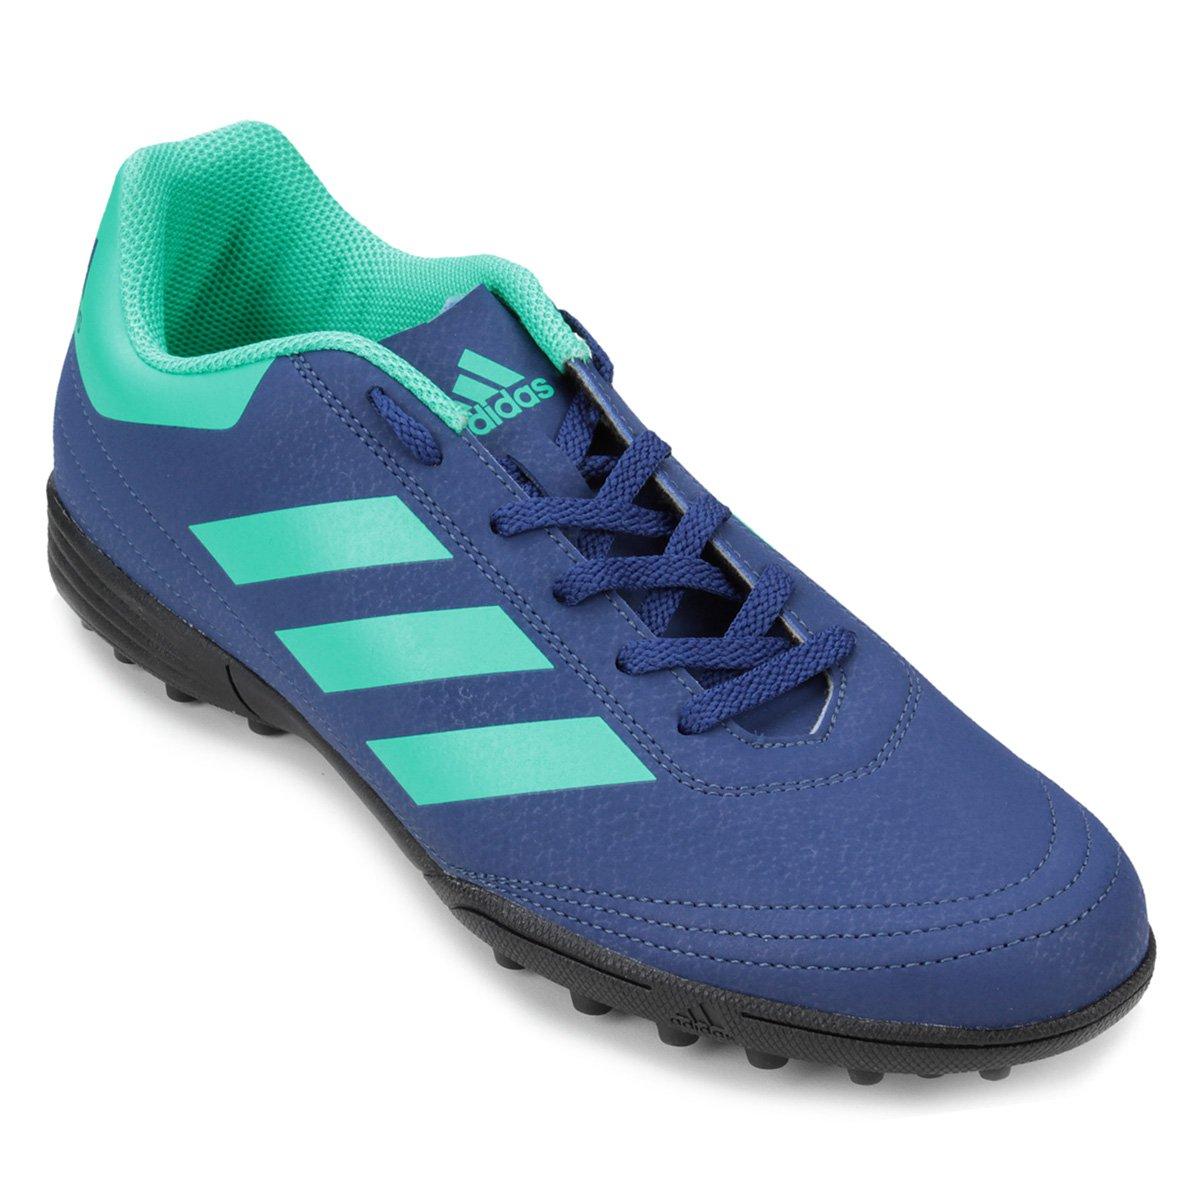 bd8c1035a6 Chuteira Society Adidas Goletto 6 TF - Compre Agora